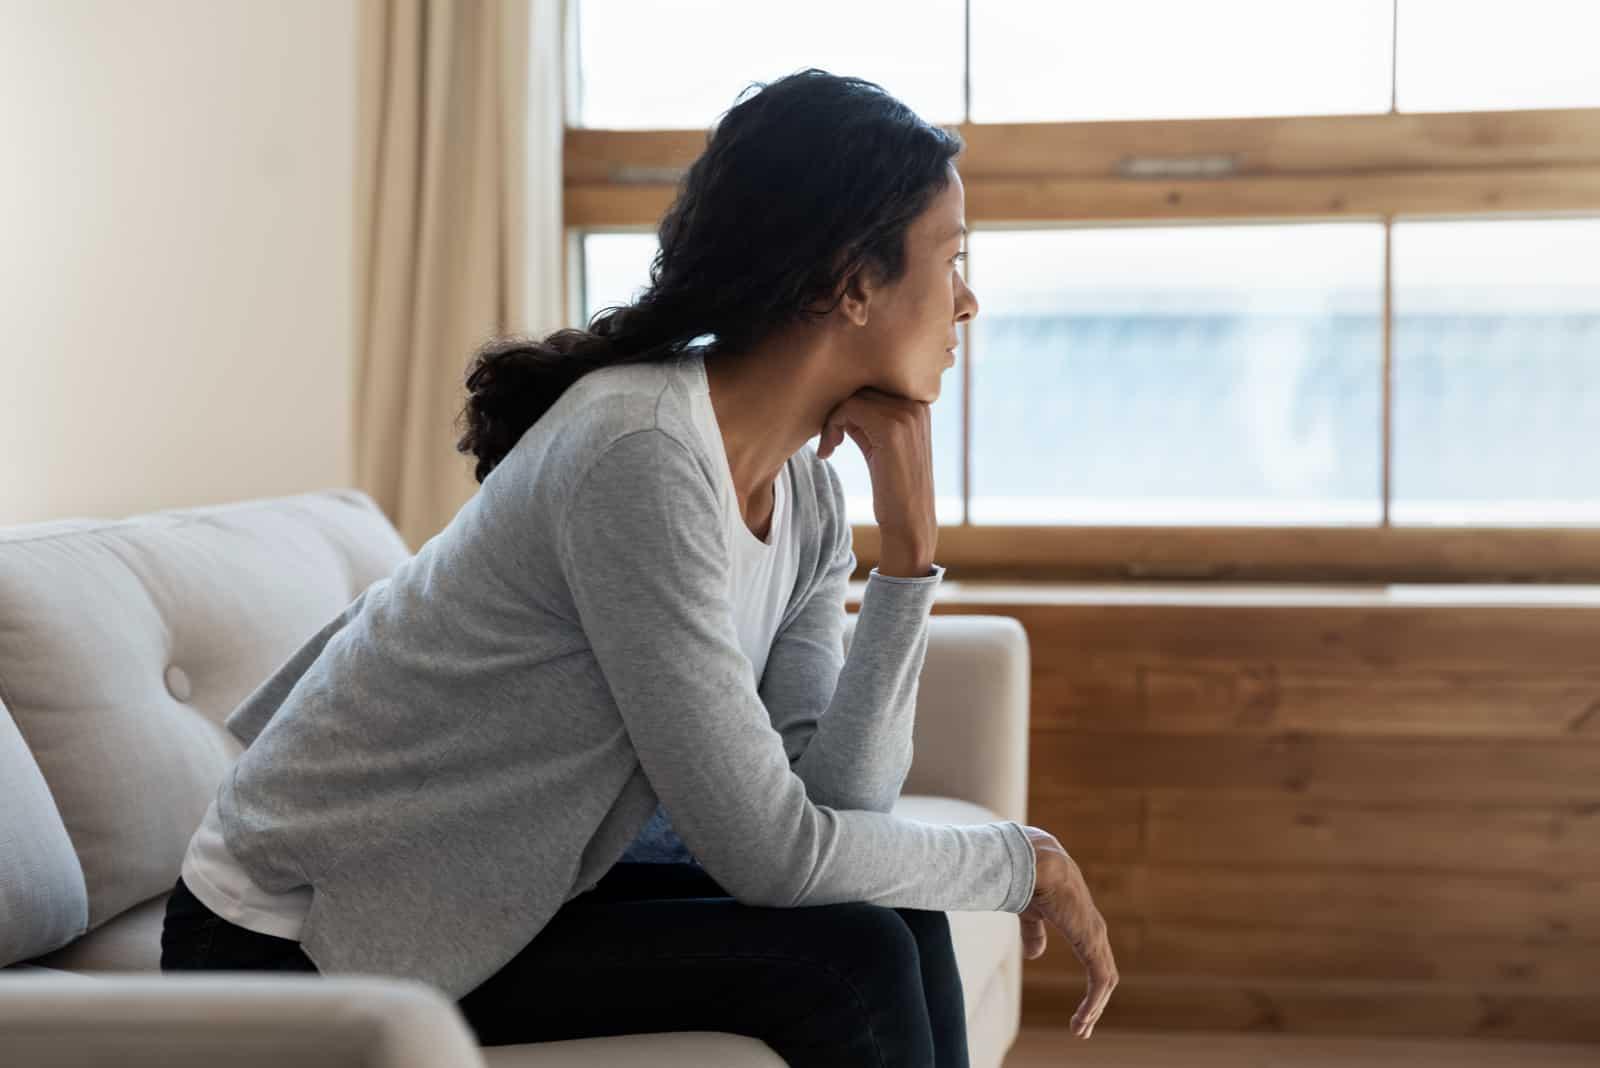 ledsen ung flicka sitta på soffan